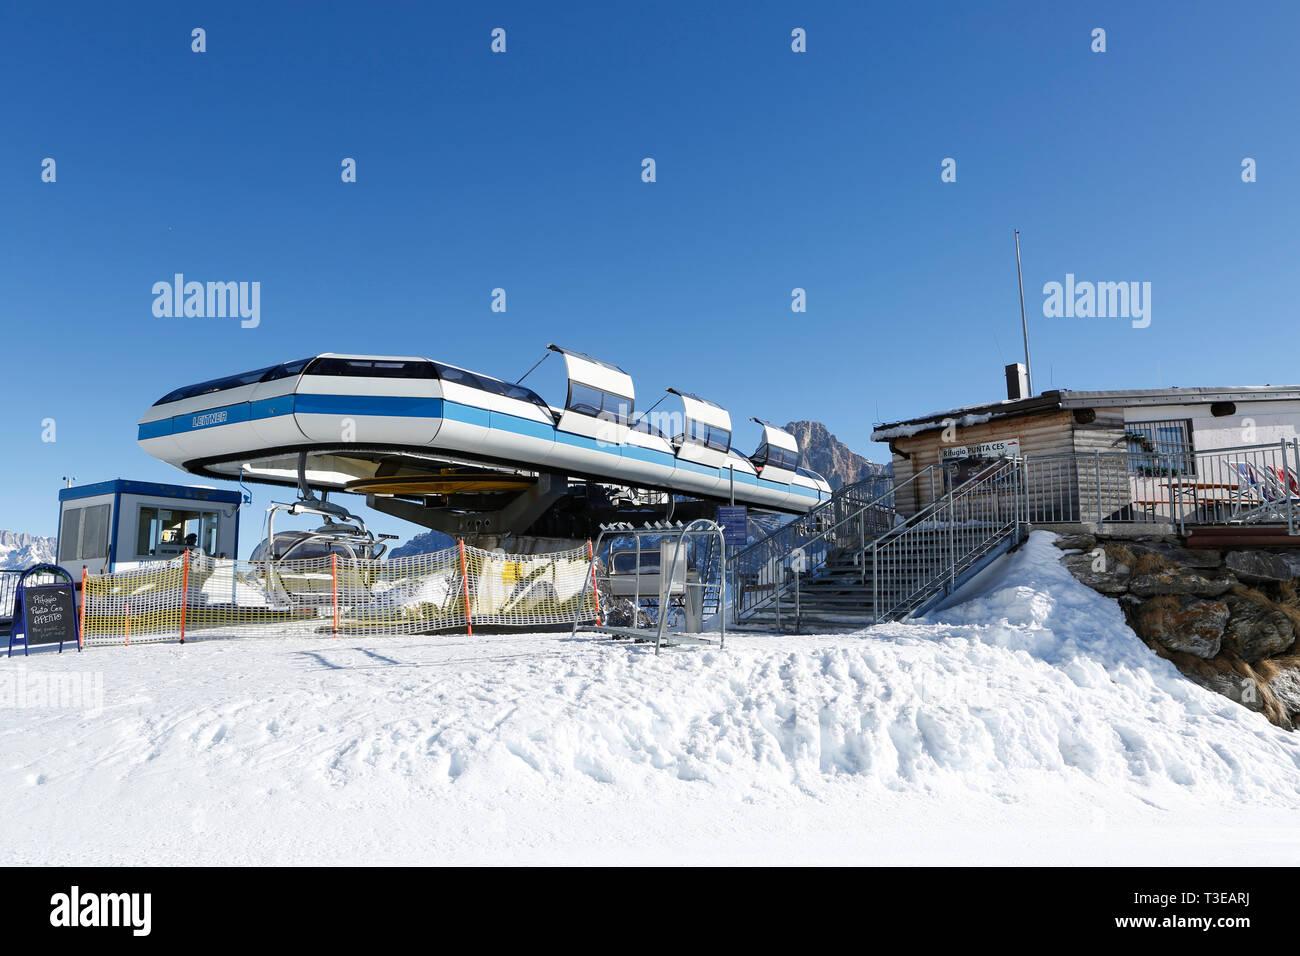 Final destination Punta Ces, ski resort, San Martino di Castrozza, Trentino, Italy, Europe - Stock Image